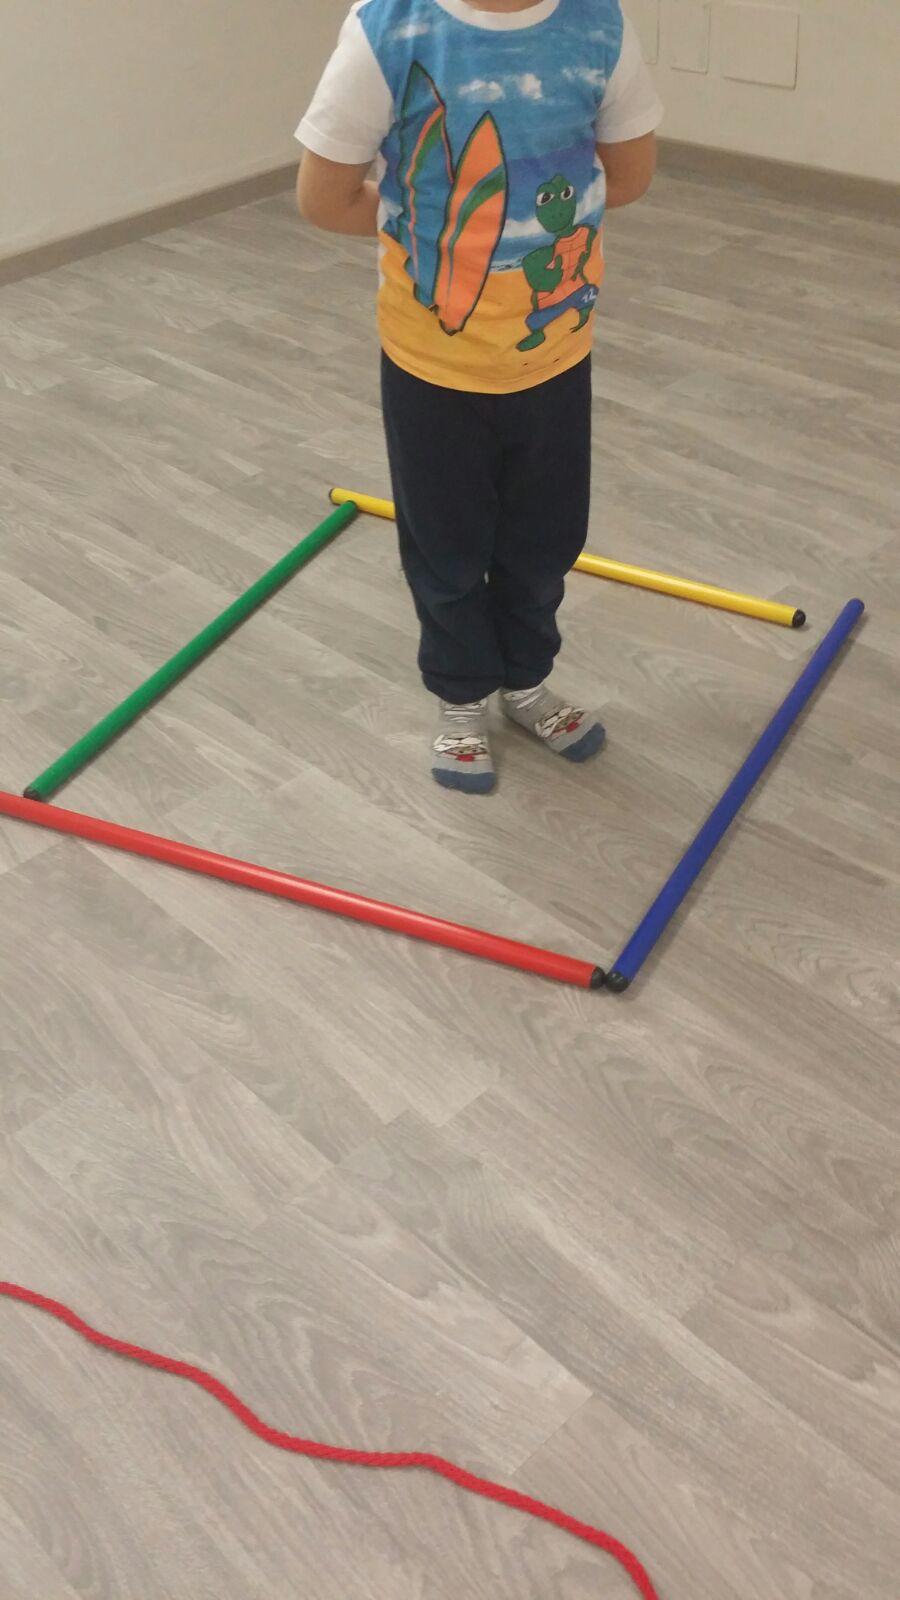 bambini che effettuano esercizi fisici